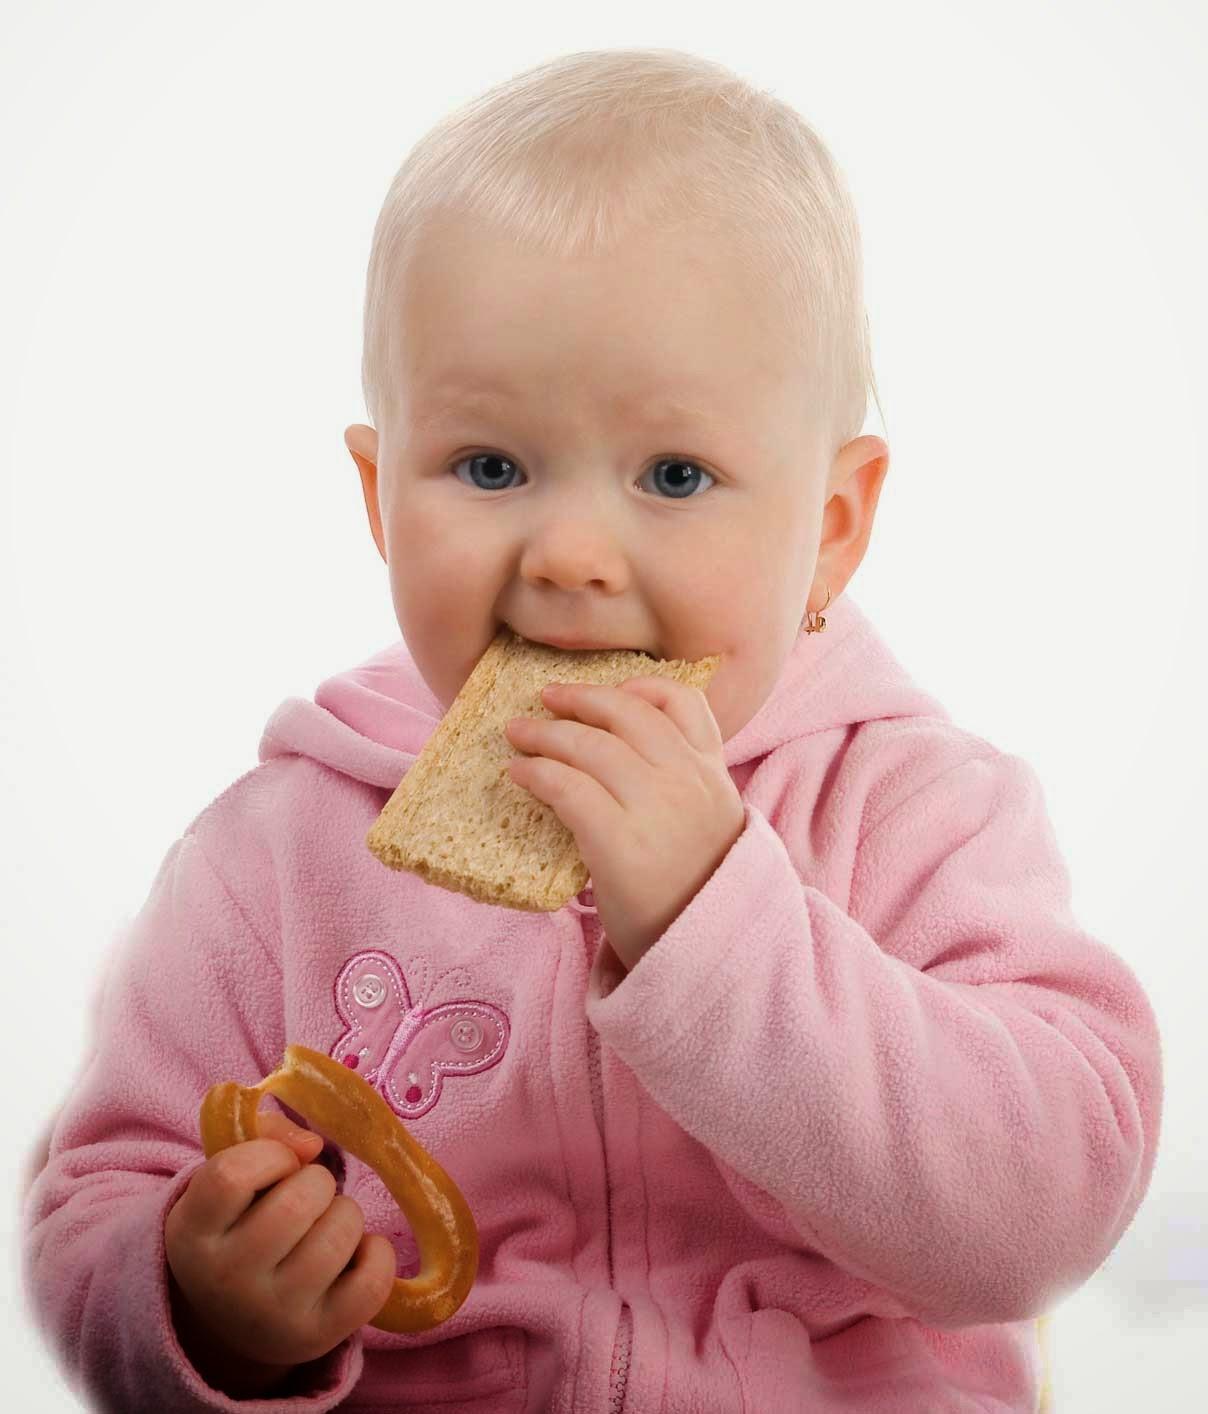 foto bayi lucu dan sehat gratis